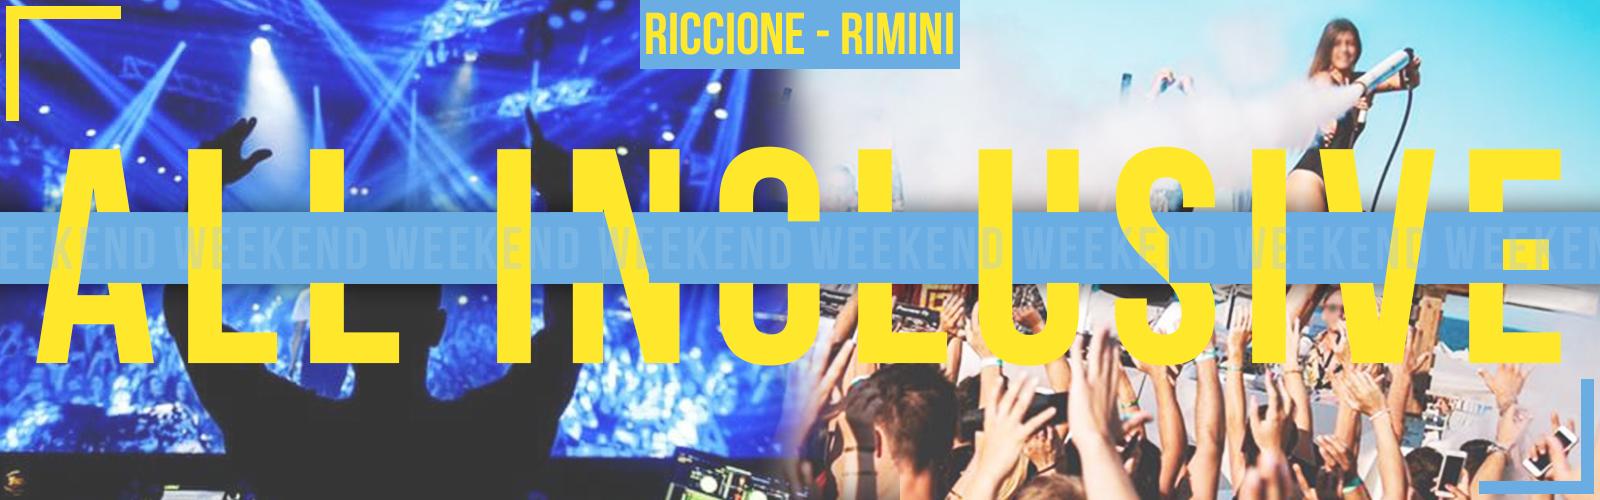 Pacchetti Discoteche Weekend Riccione Con Hotel ALL INCLUSIVE